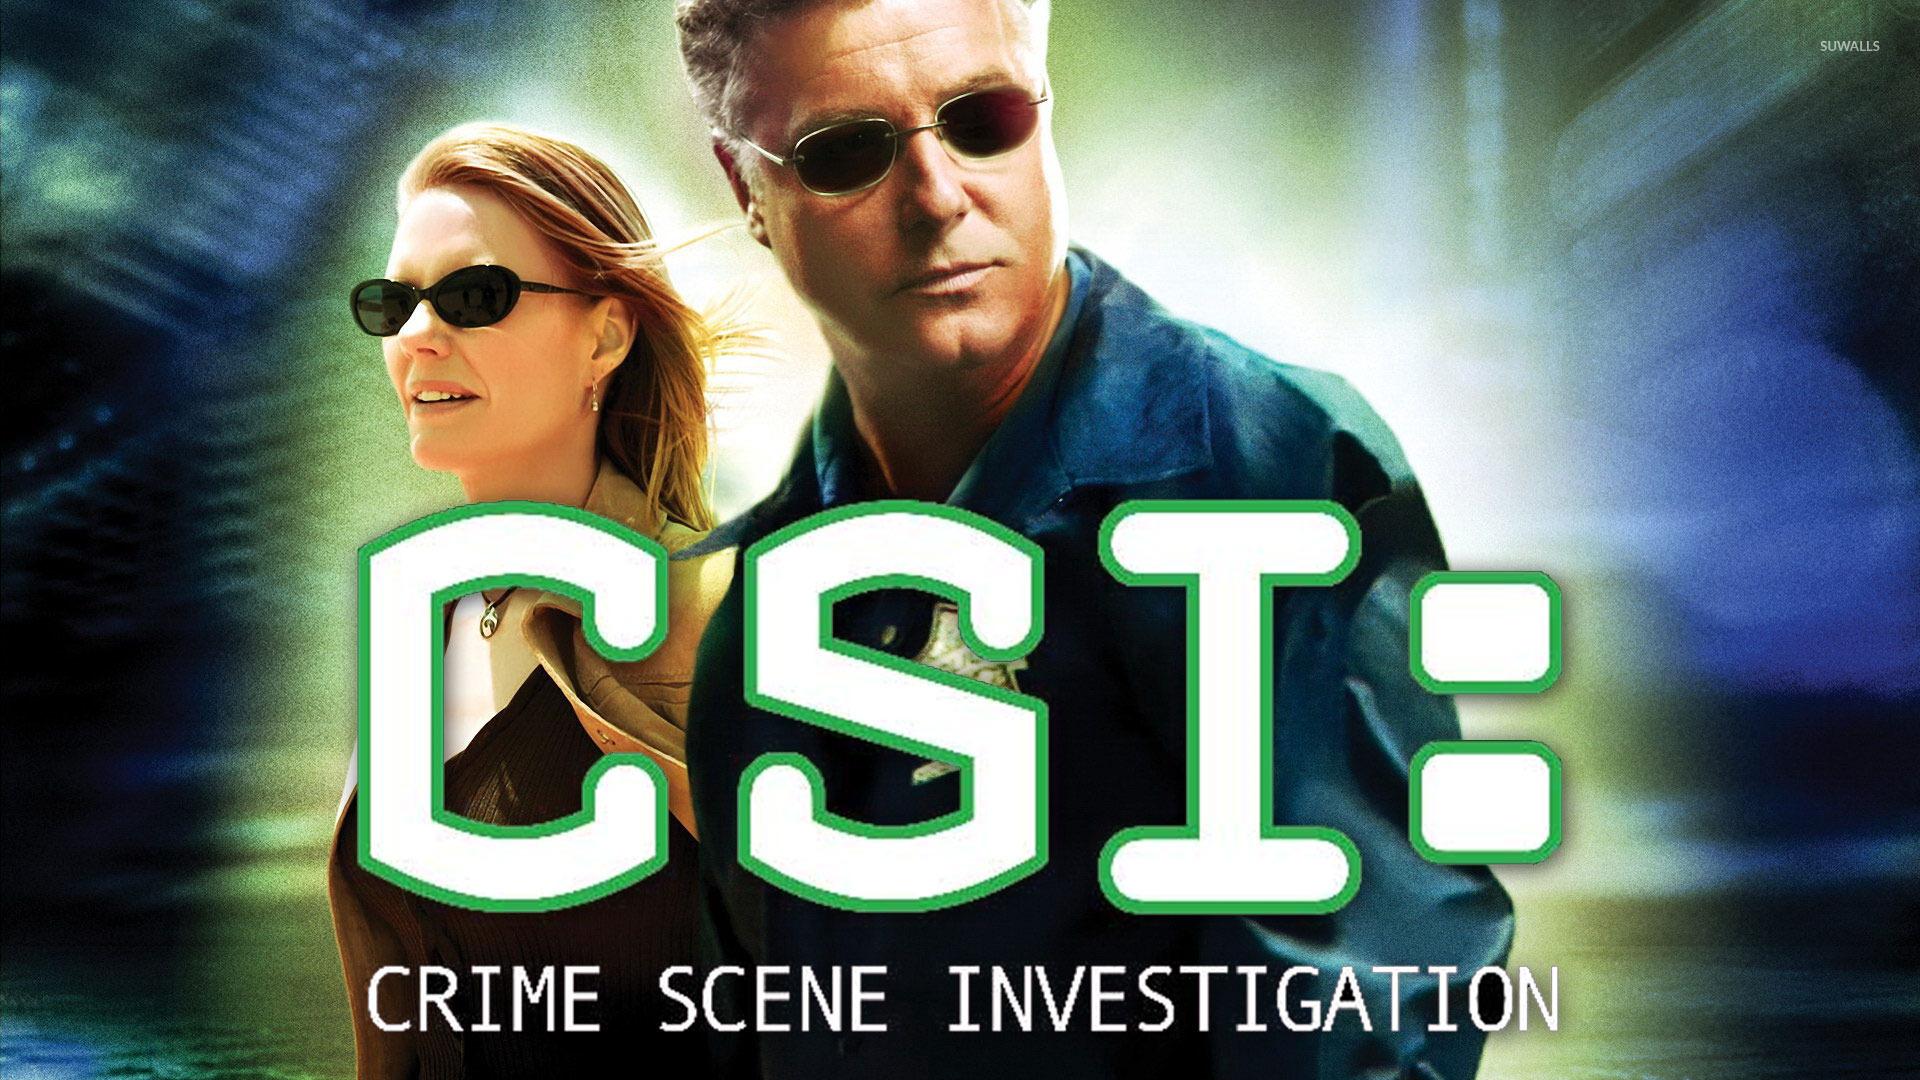 CSI: Crime Scene Investigation wallpaper - TV Show wallpapers - #818